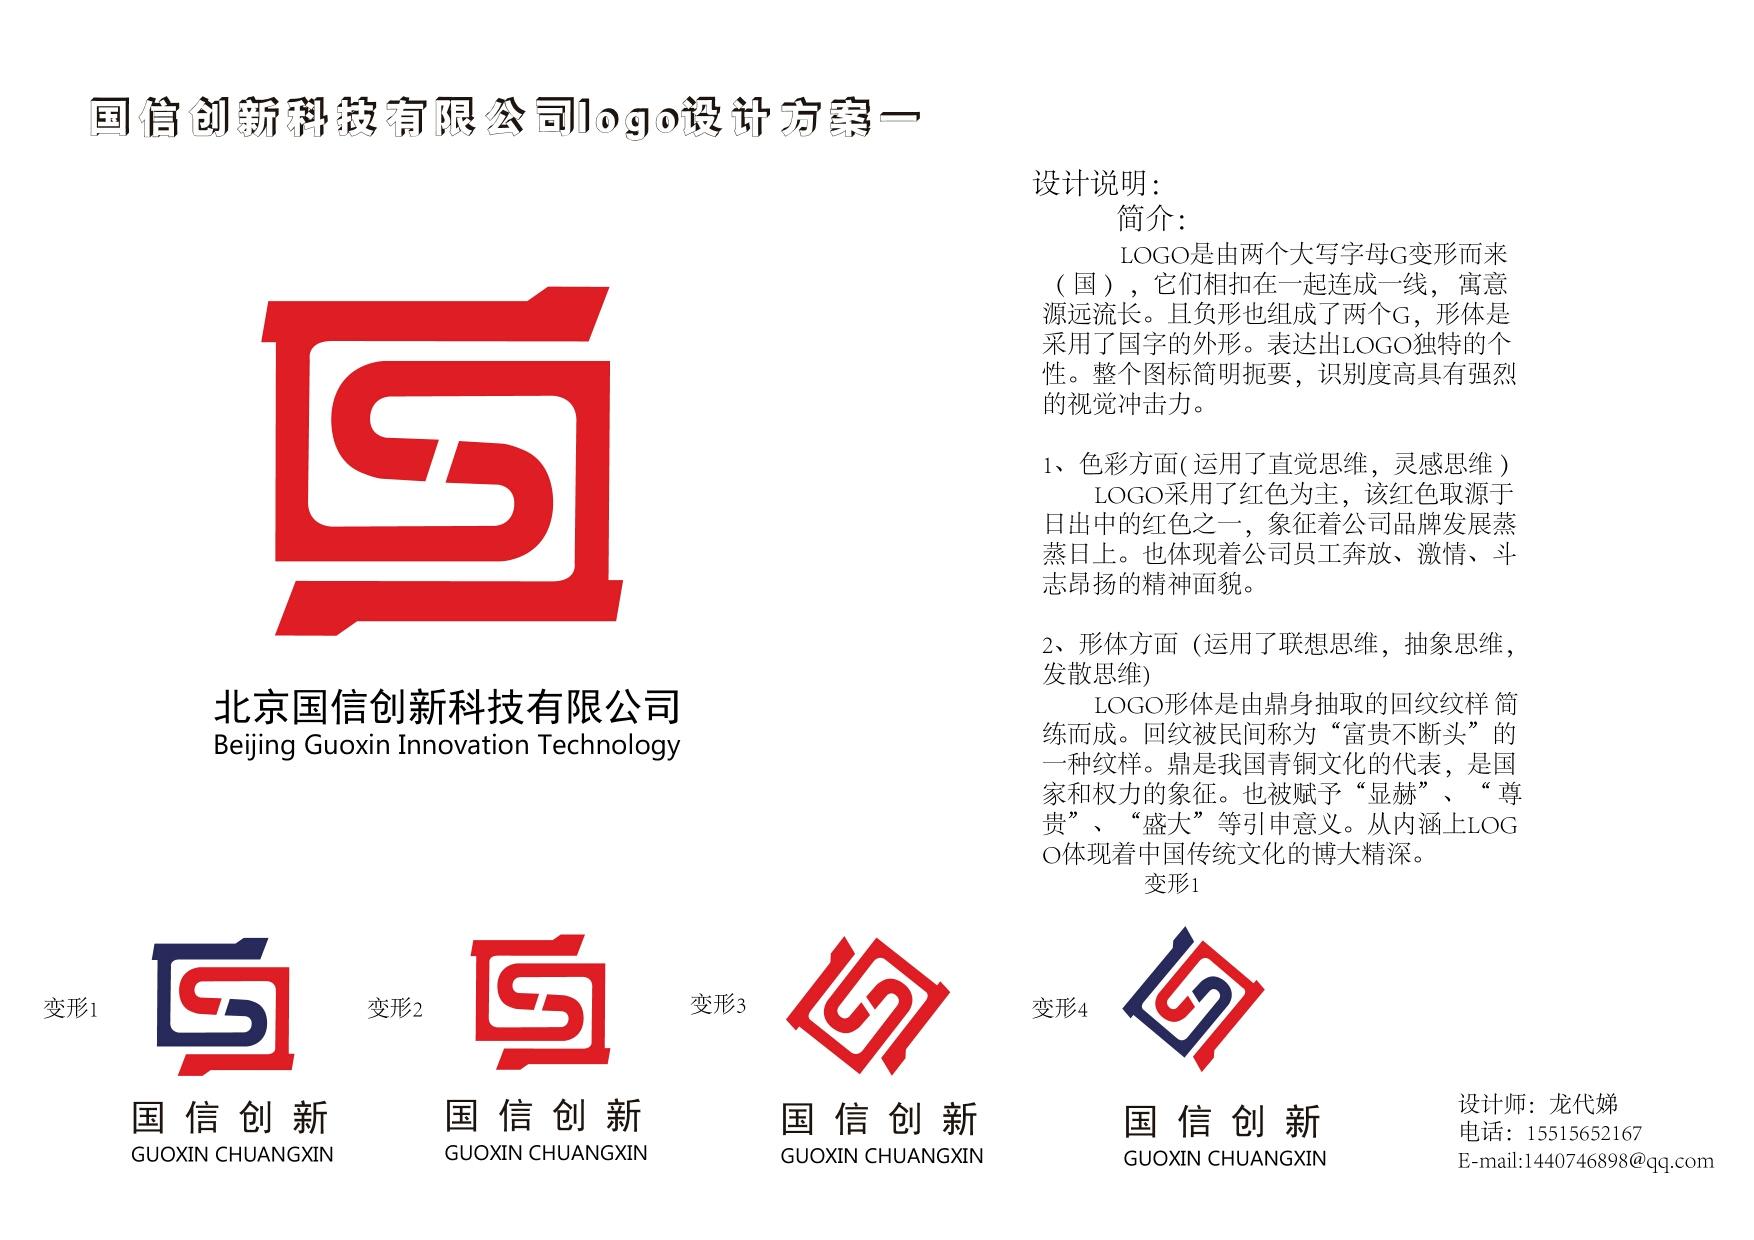 LOGO设计,书籍、画册、海报、名片设计